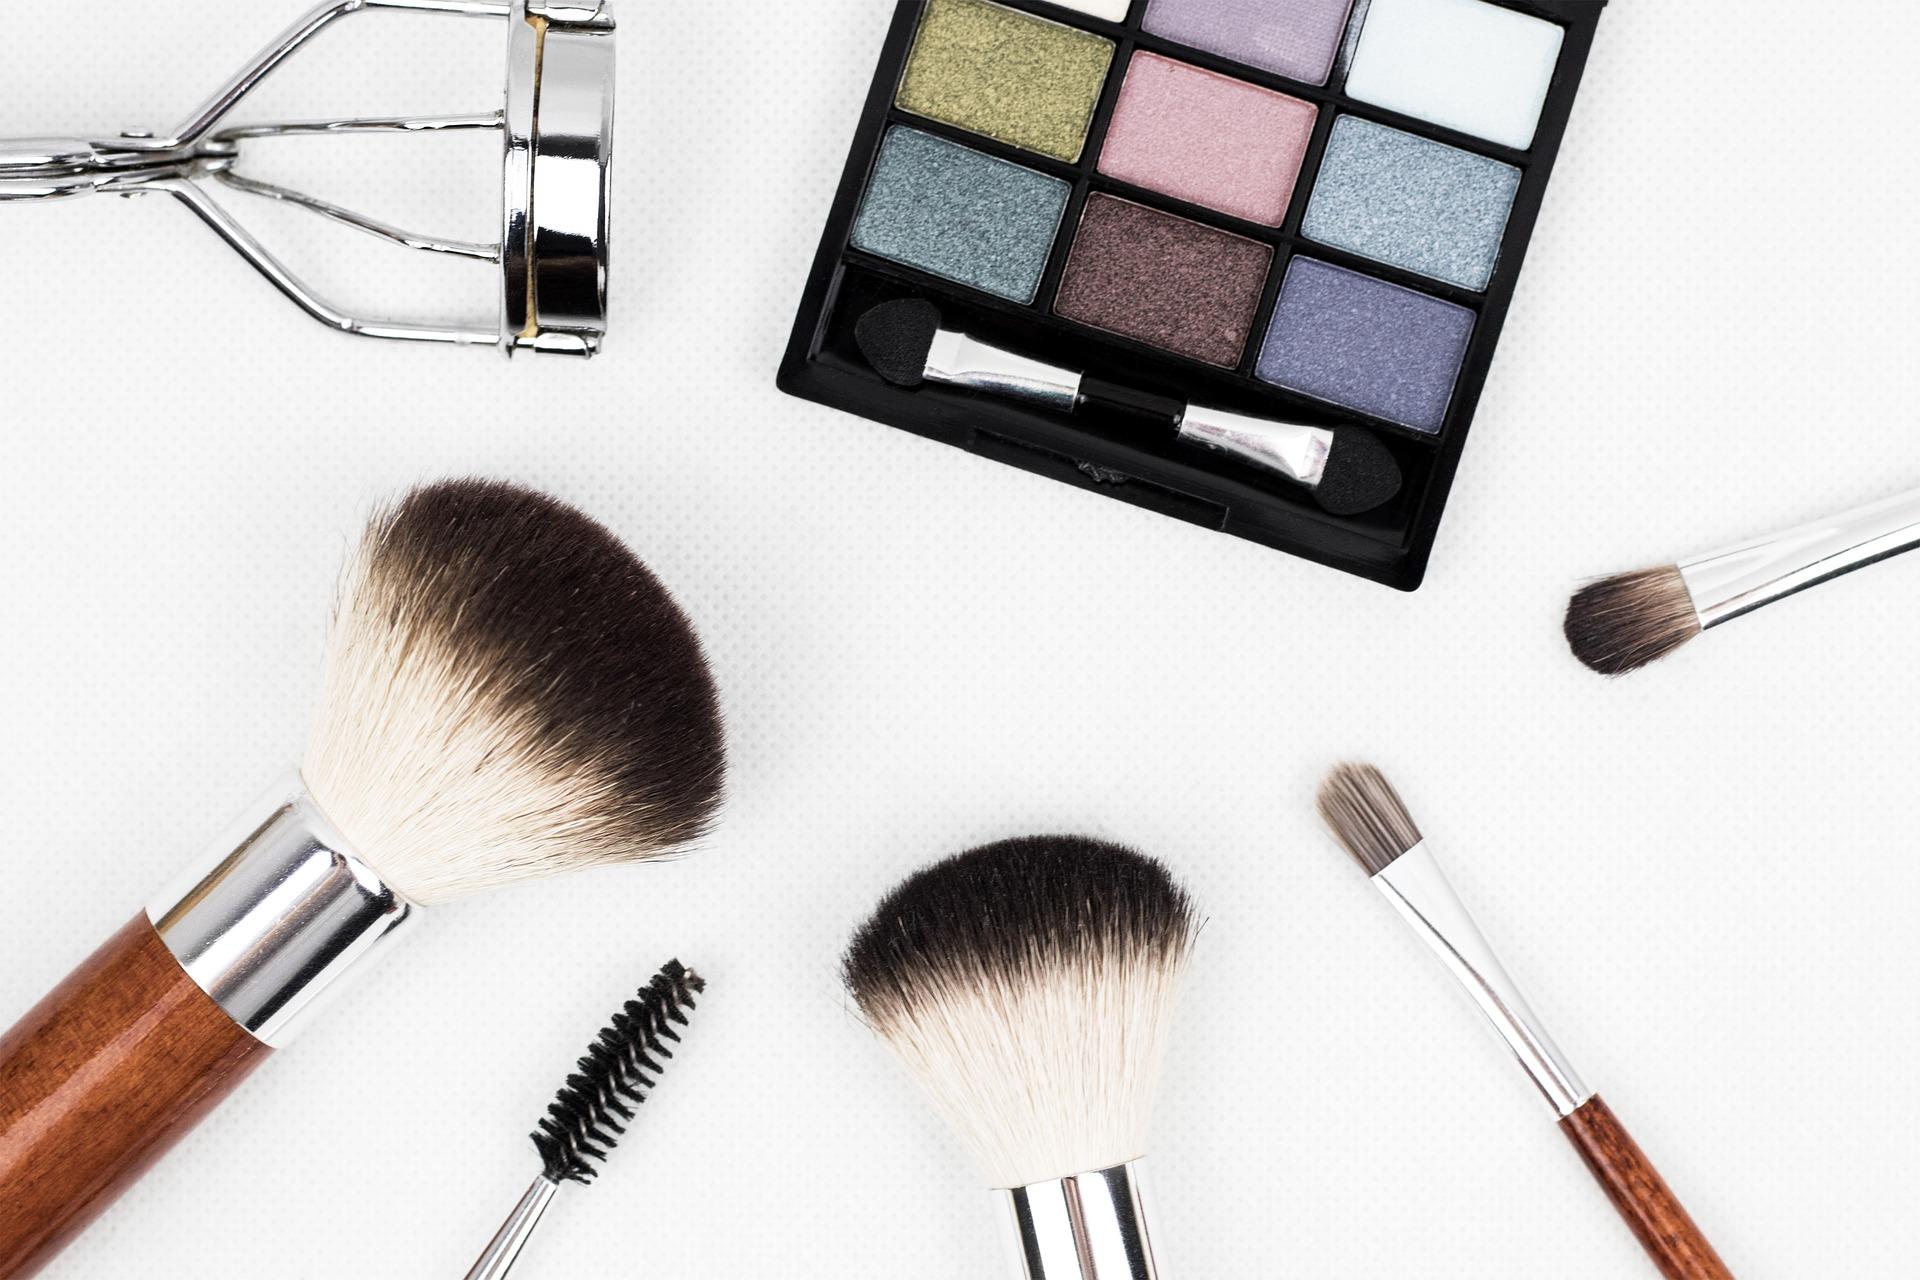 「化粧との付き合い方を見直す時間を作る」オタクな美容部員・黒河けーこのメイク論